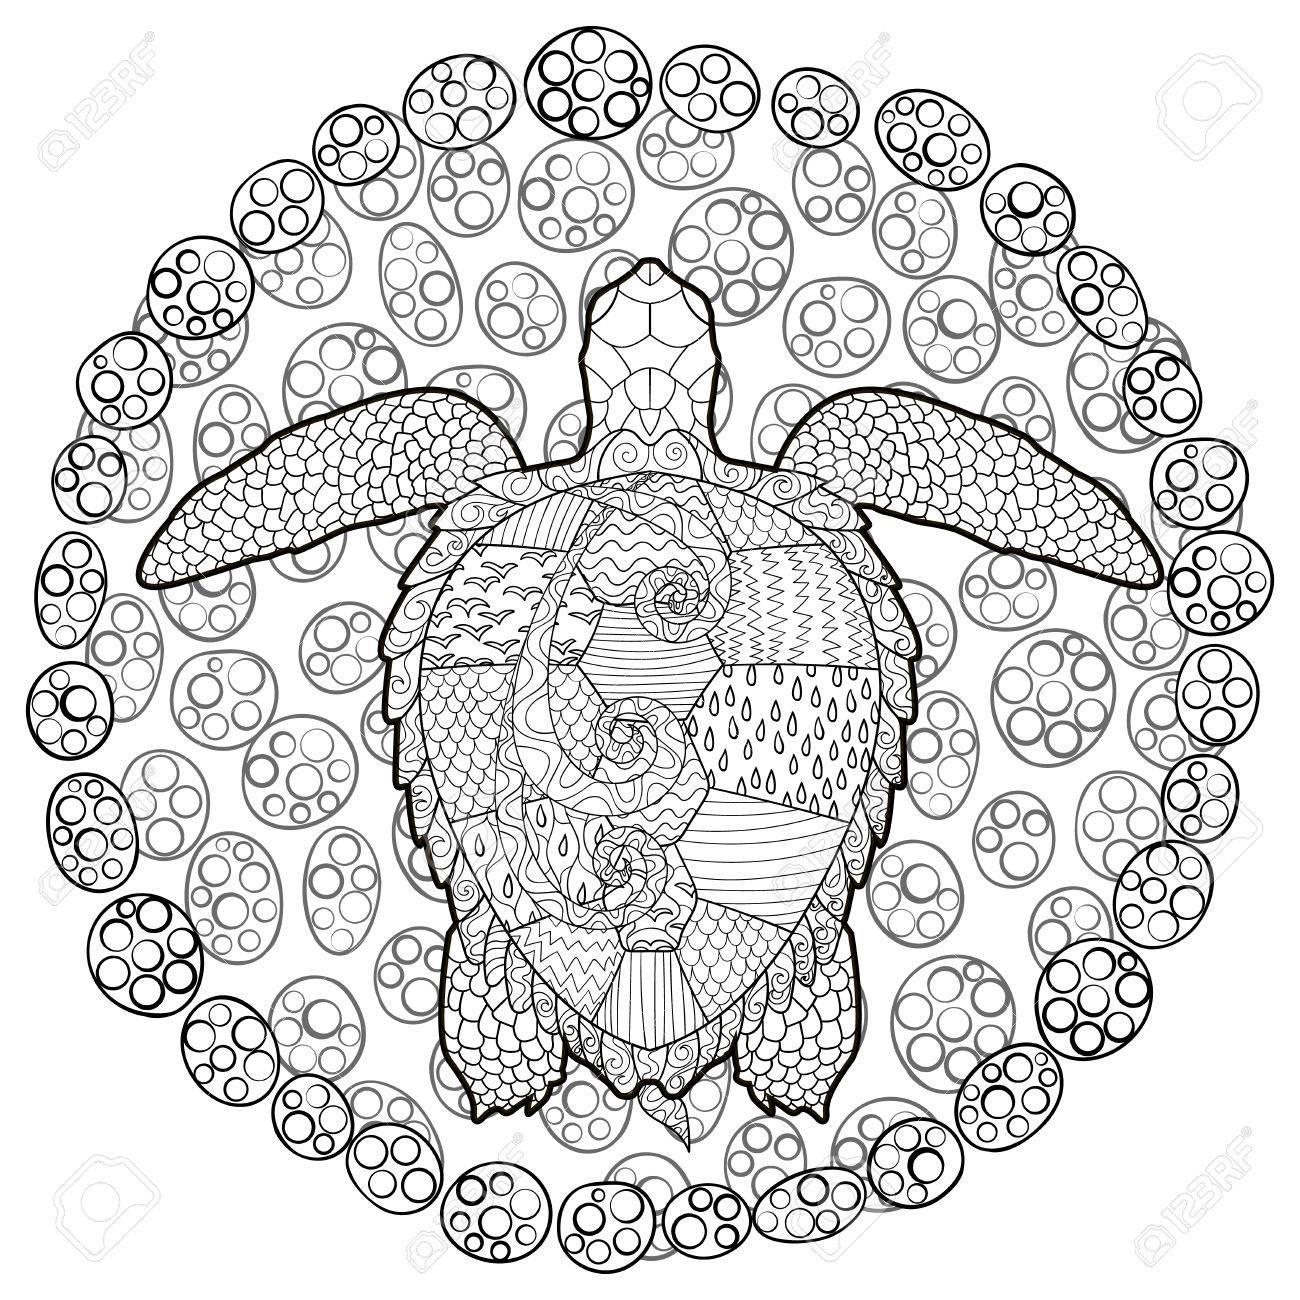 Hand Gezeichnet Schwimmen Schildkröte Mit Hohen Details Für Anti ...